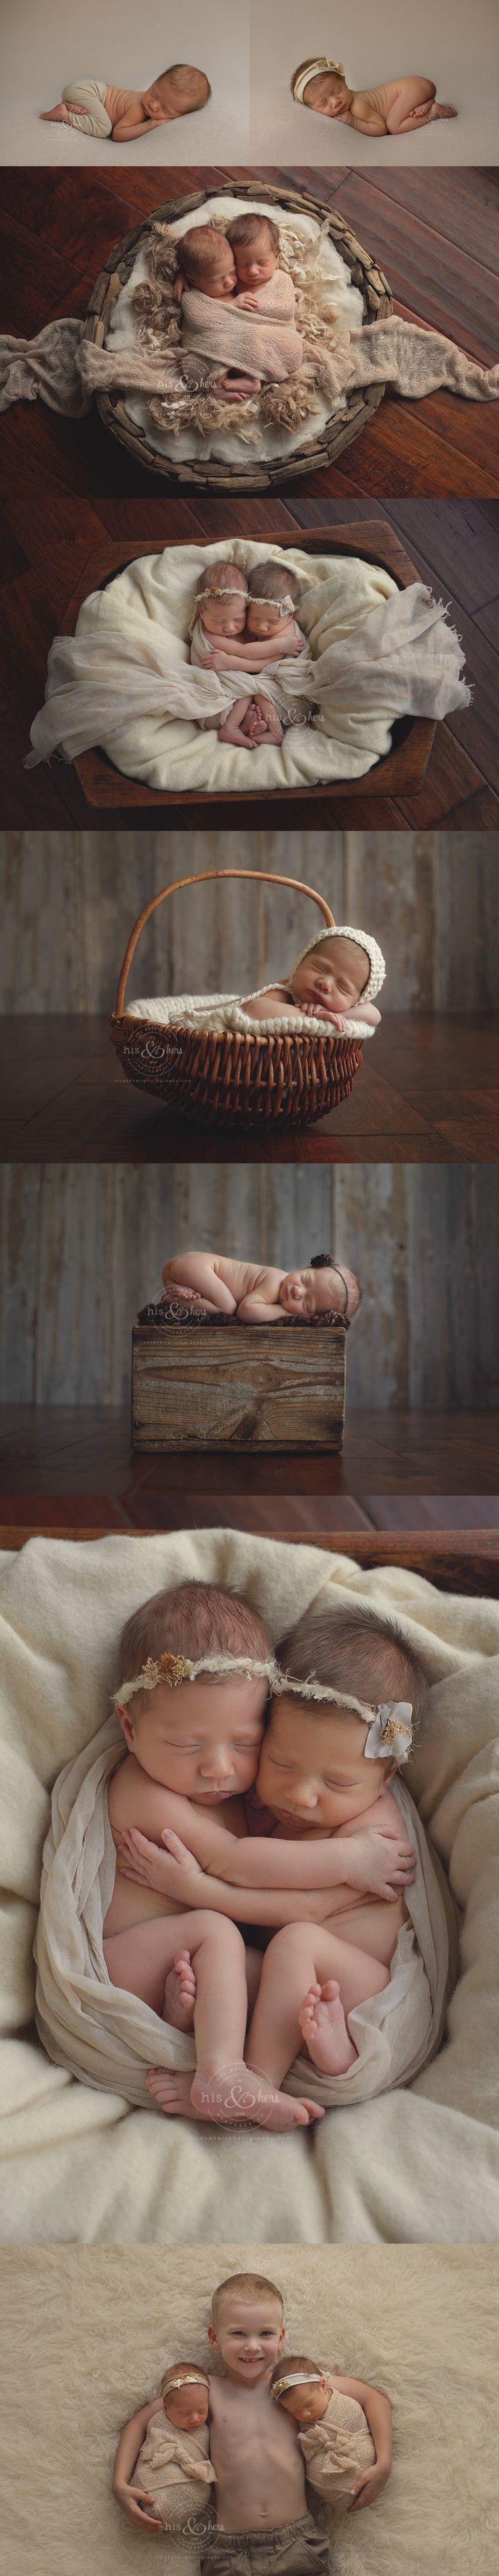 identical twins newborn 10 days new | Newborn photographer, Darcy Milder | His…